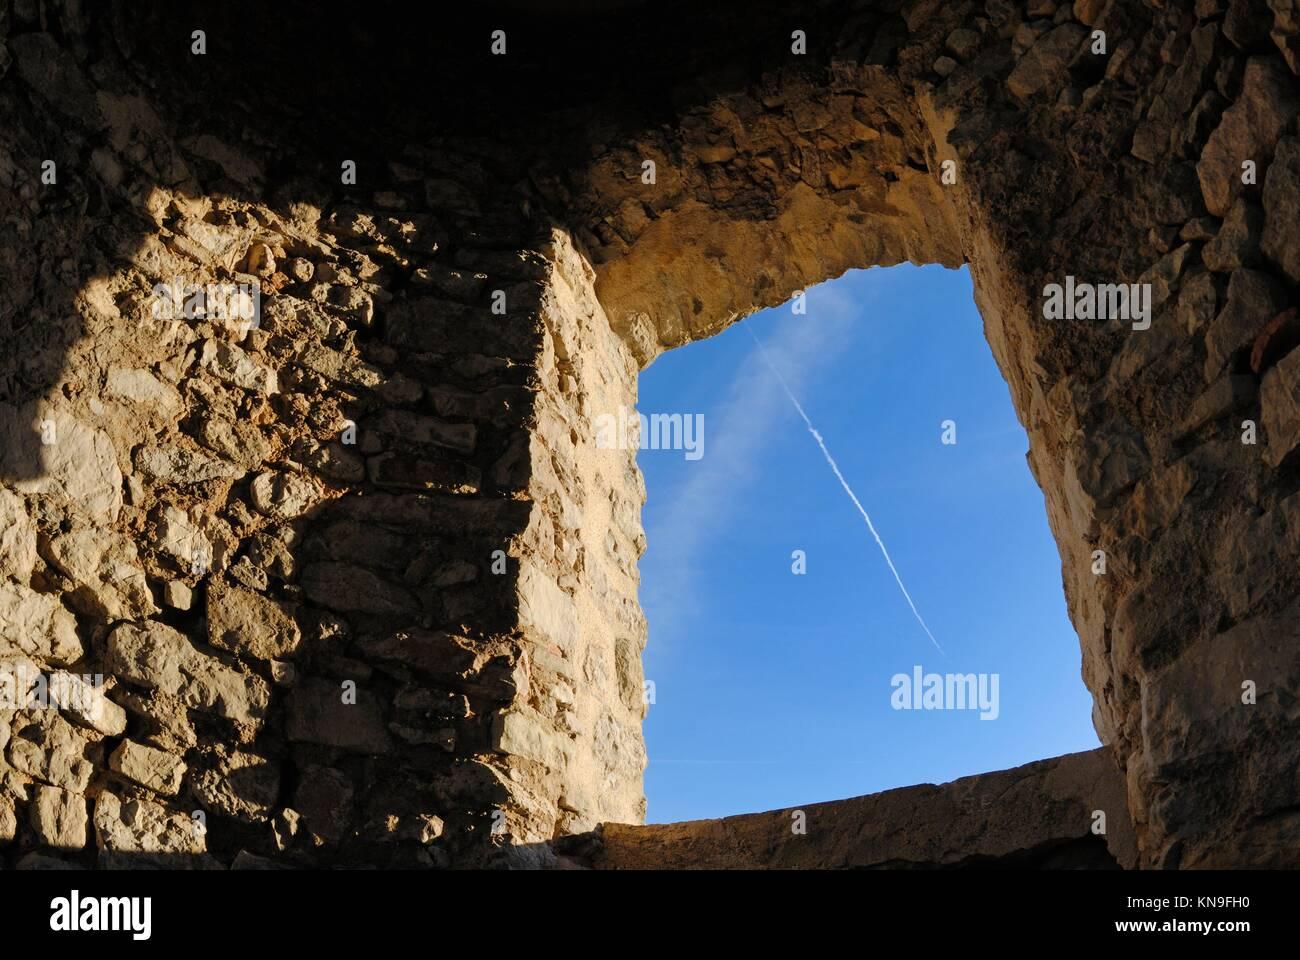 Il vecchio muro di pietra con finestra framing cielo blu, Allauch, Francia. Immagini Stock